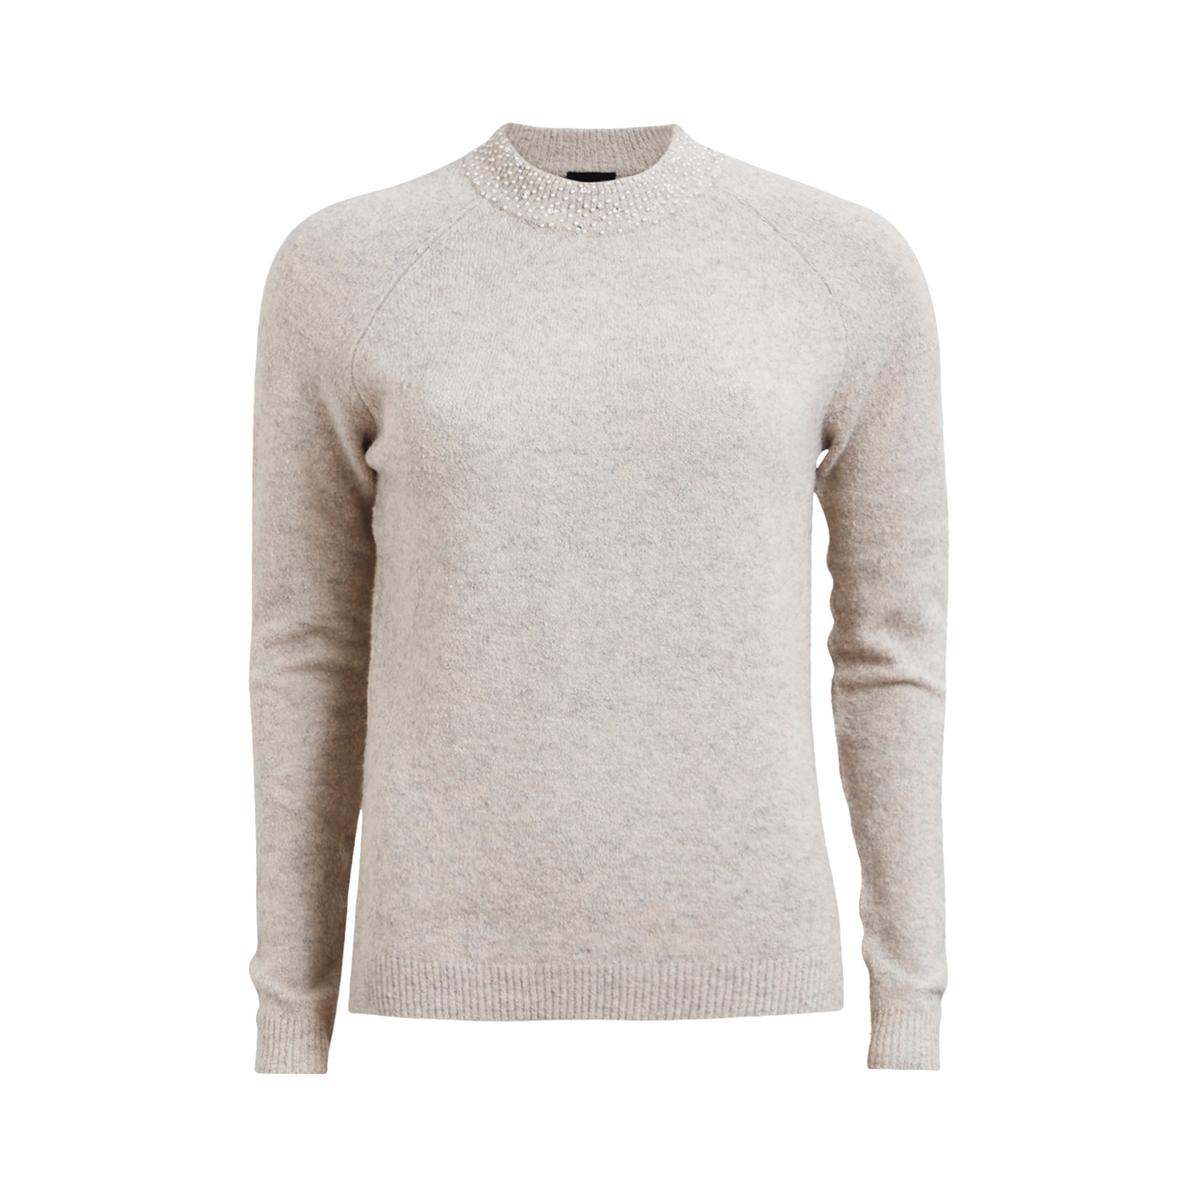 Пуловер со стоячим воротником VIGRADED KNIT TOPСостав и описание :Материал : 48% хлопка, 28% акрила, 18% нейлона, 3% эластана, 3% мохера Марка : VILA.<br><br>Цвет: розово-бежевый<br>Размер: XS.L.S